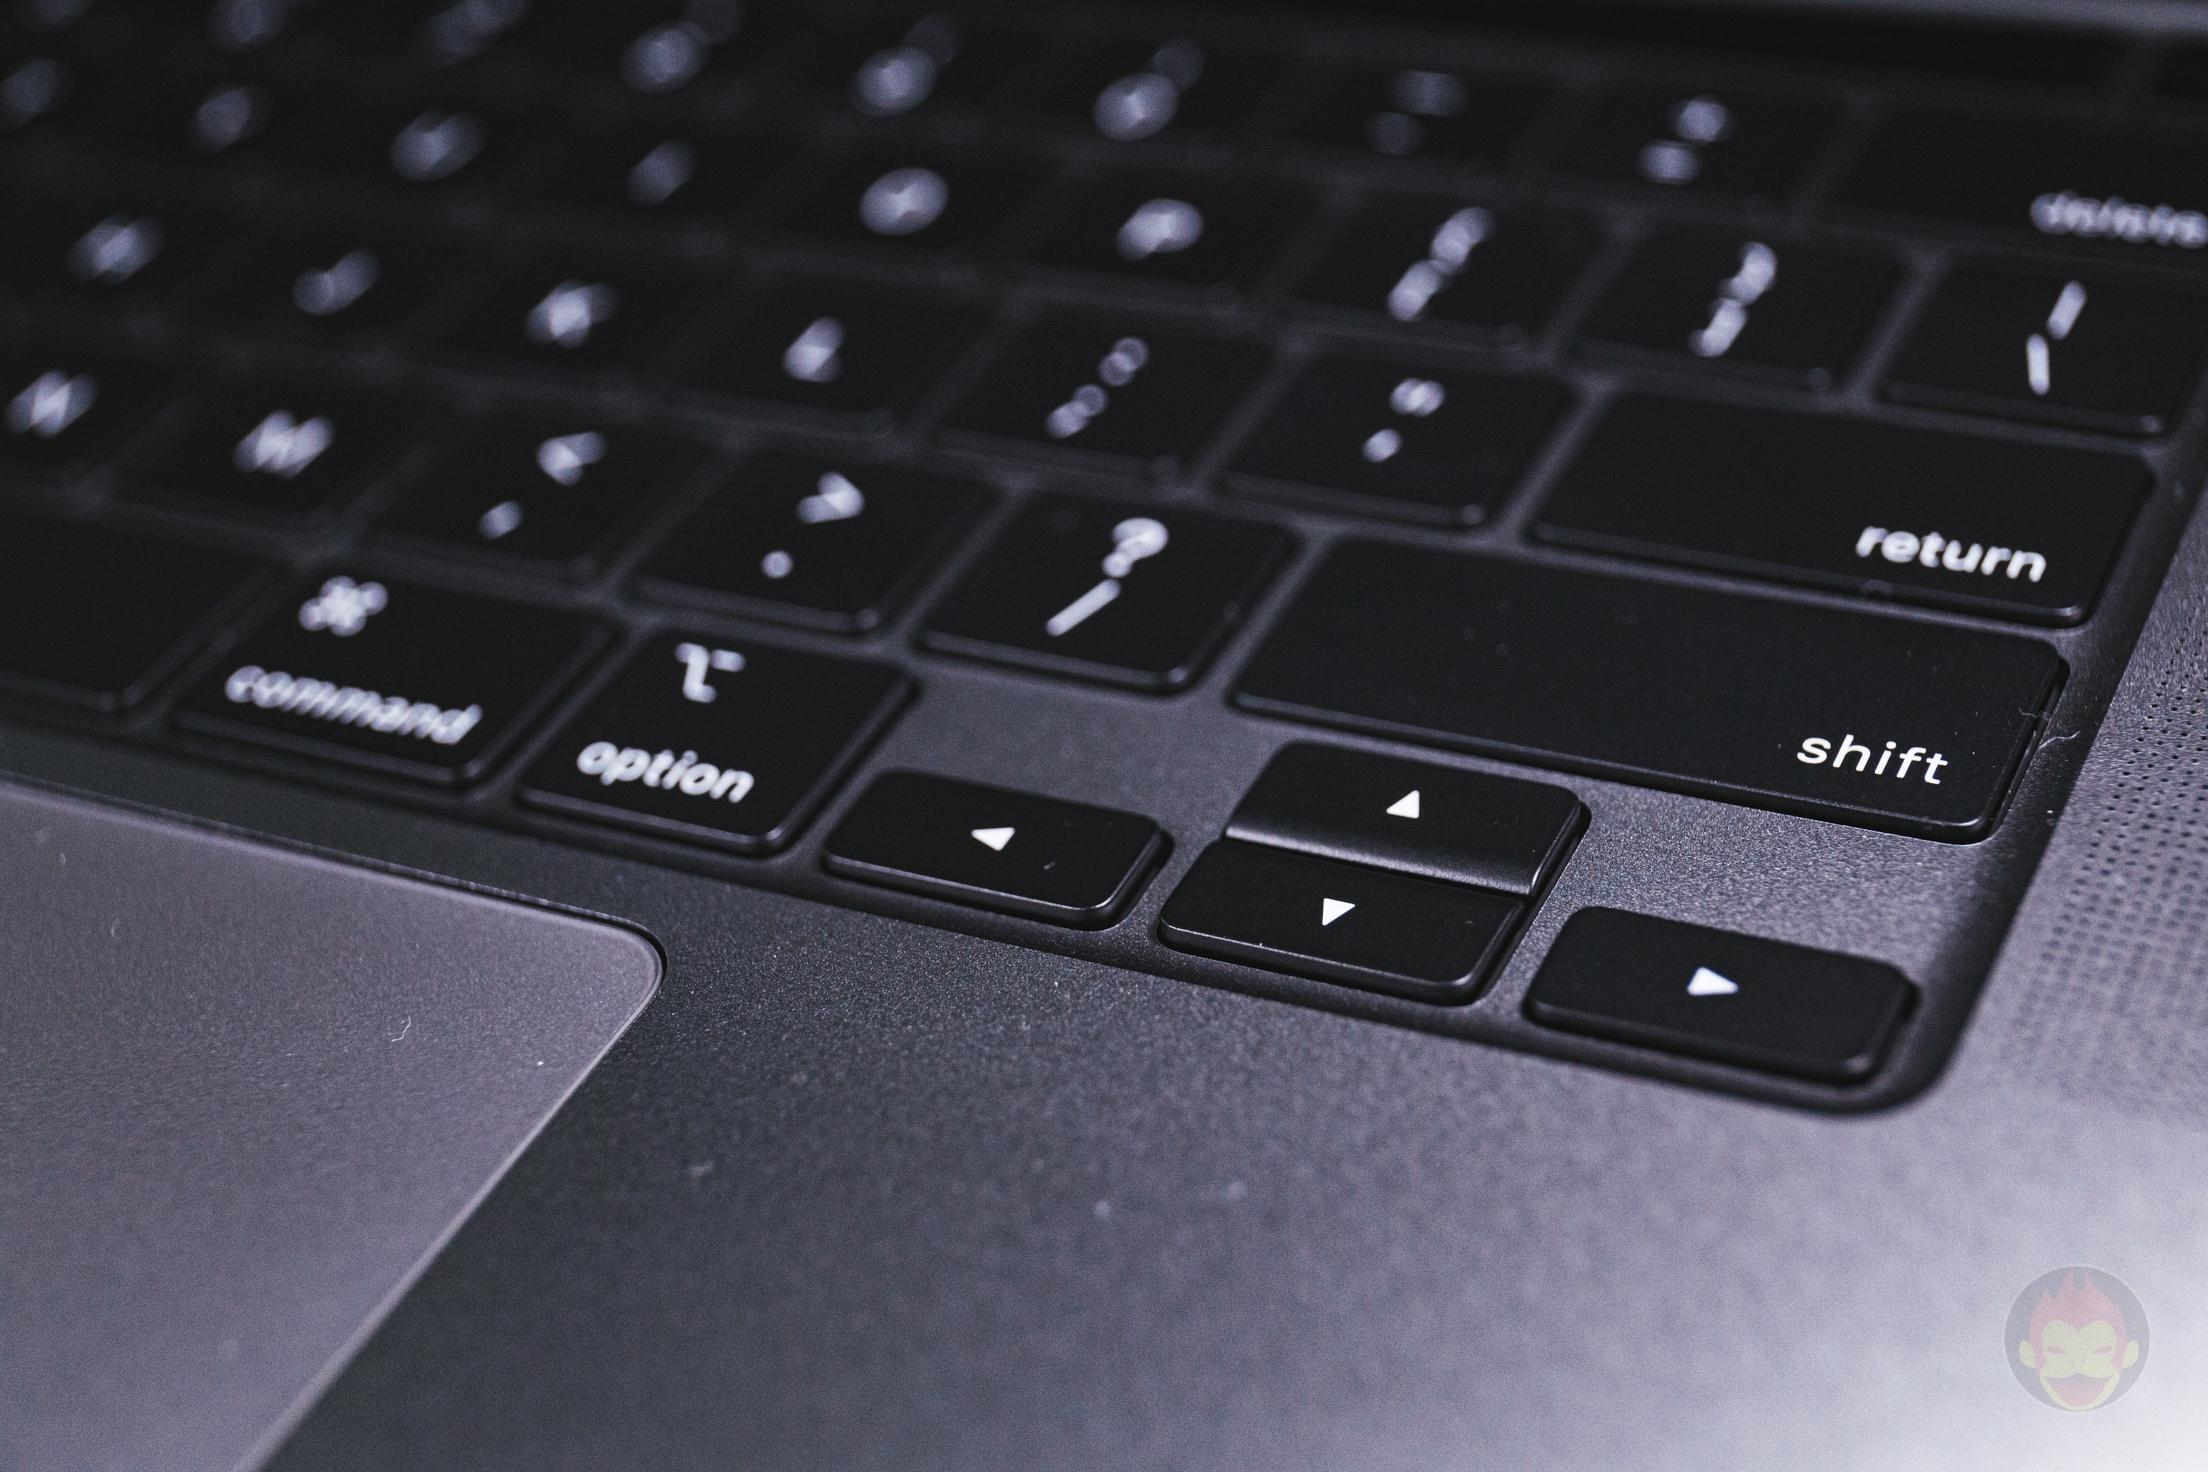 16inch-macbookpro-2019-review-20.jpg